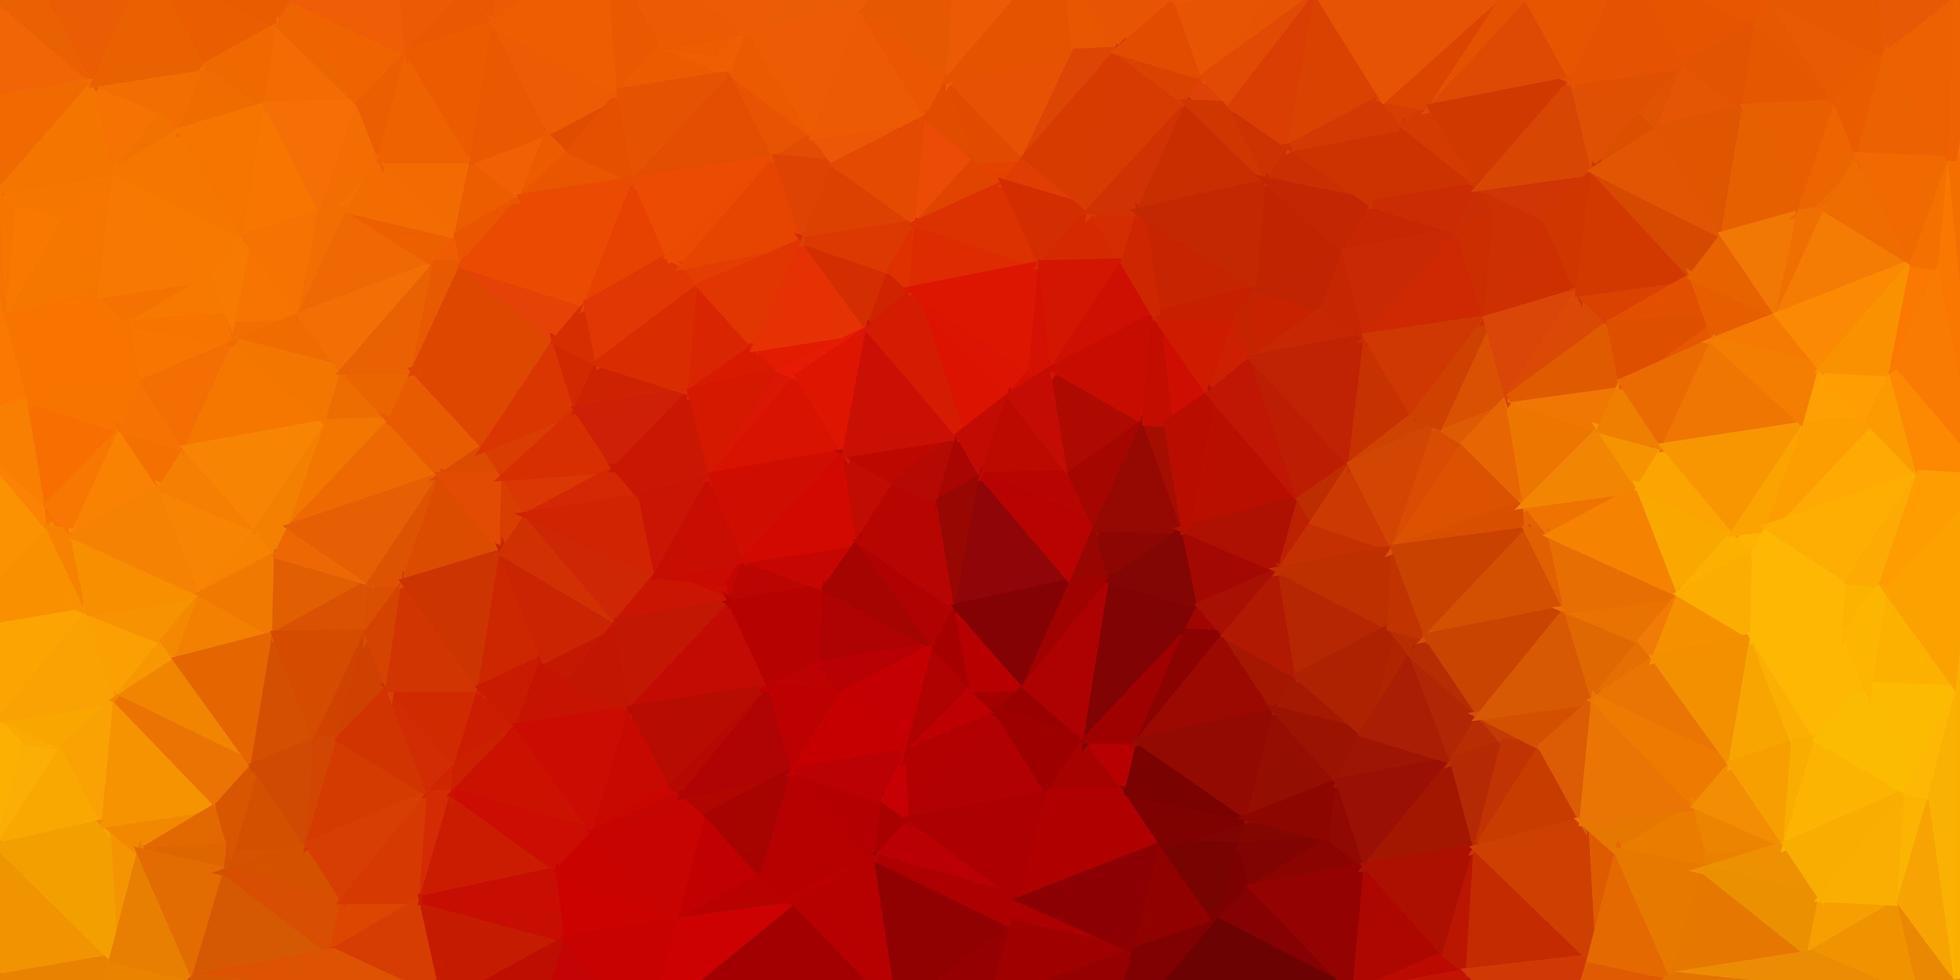 mörkbrun vektor polygonal bakgrund.